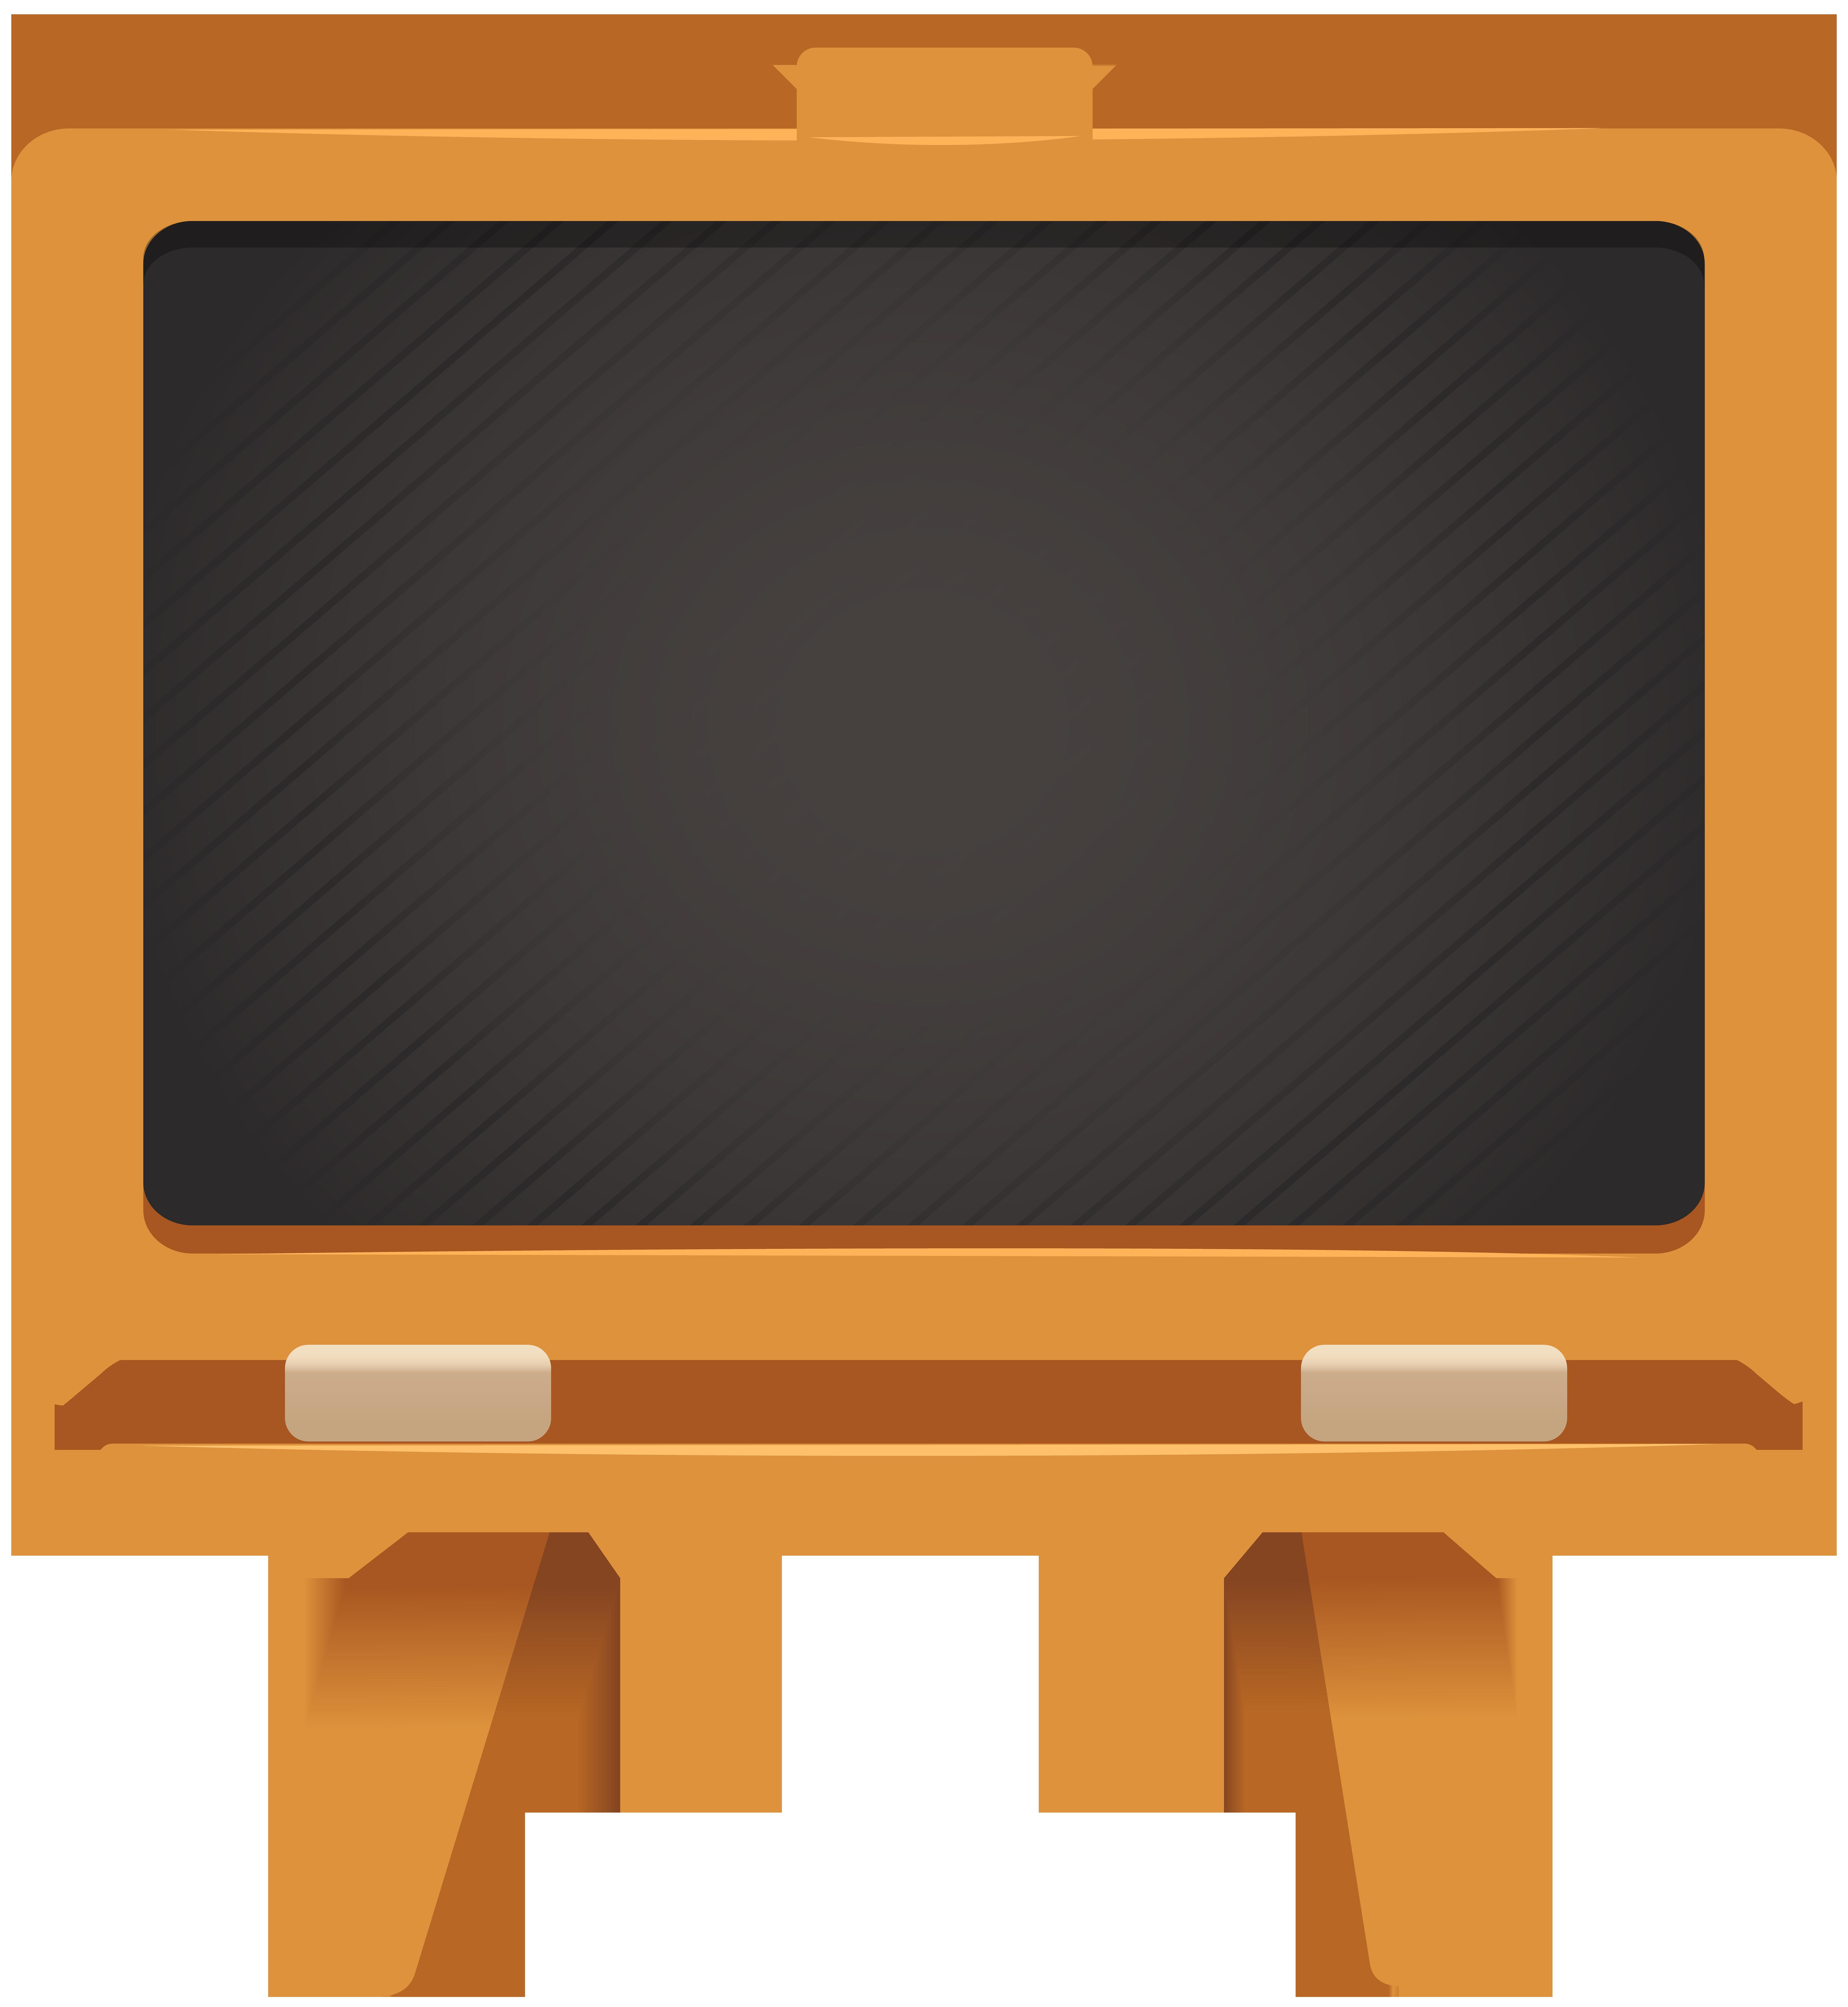 Blackboard clipart school blackboard. Png clip art image